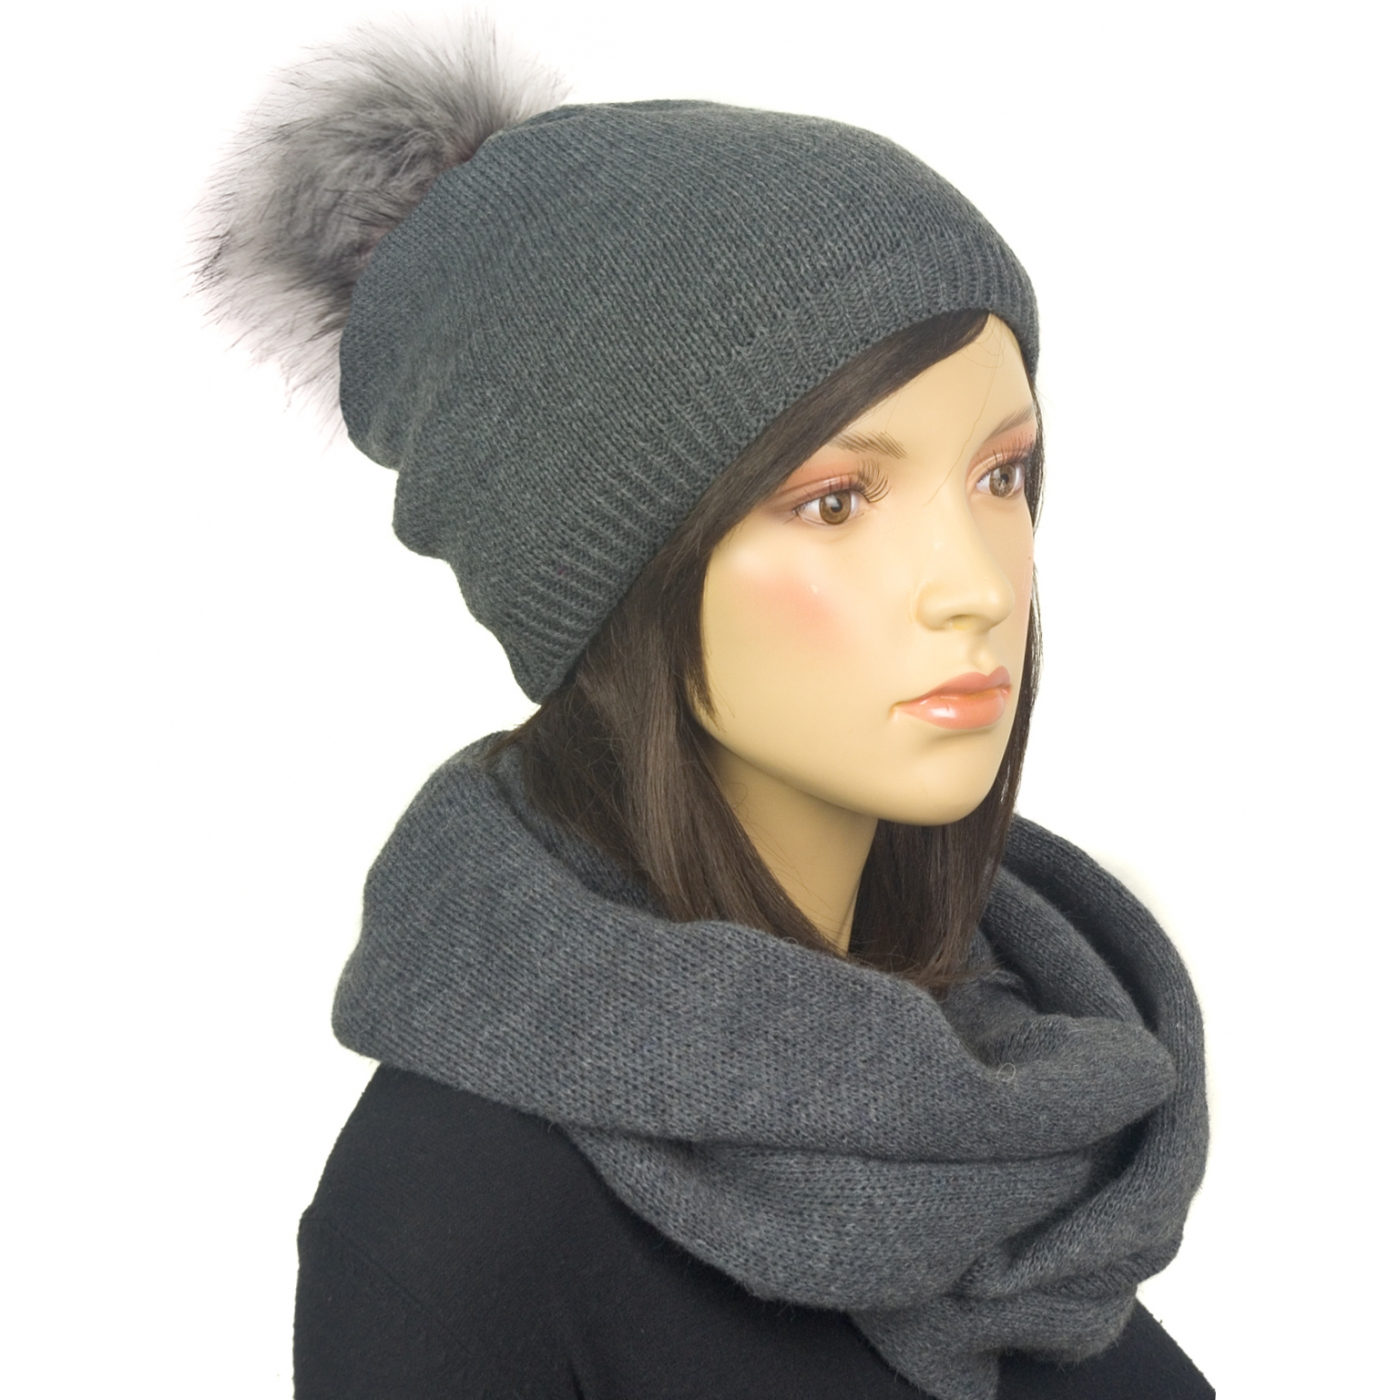 Komplet zimowy damski czapka z pomponem i szalik komin - grafitowy szary